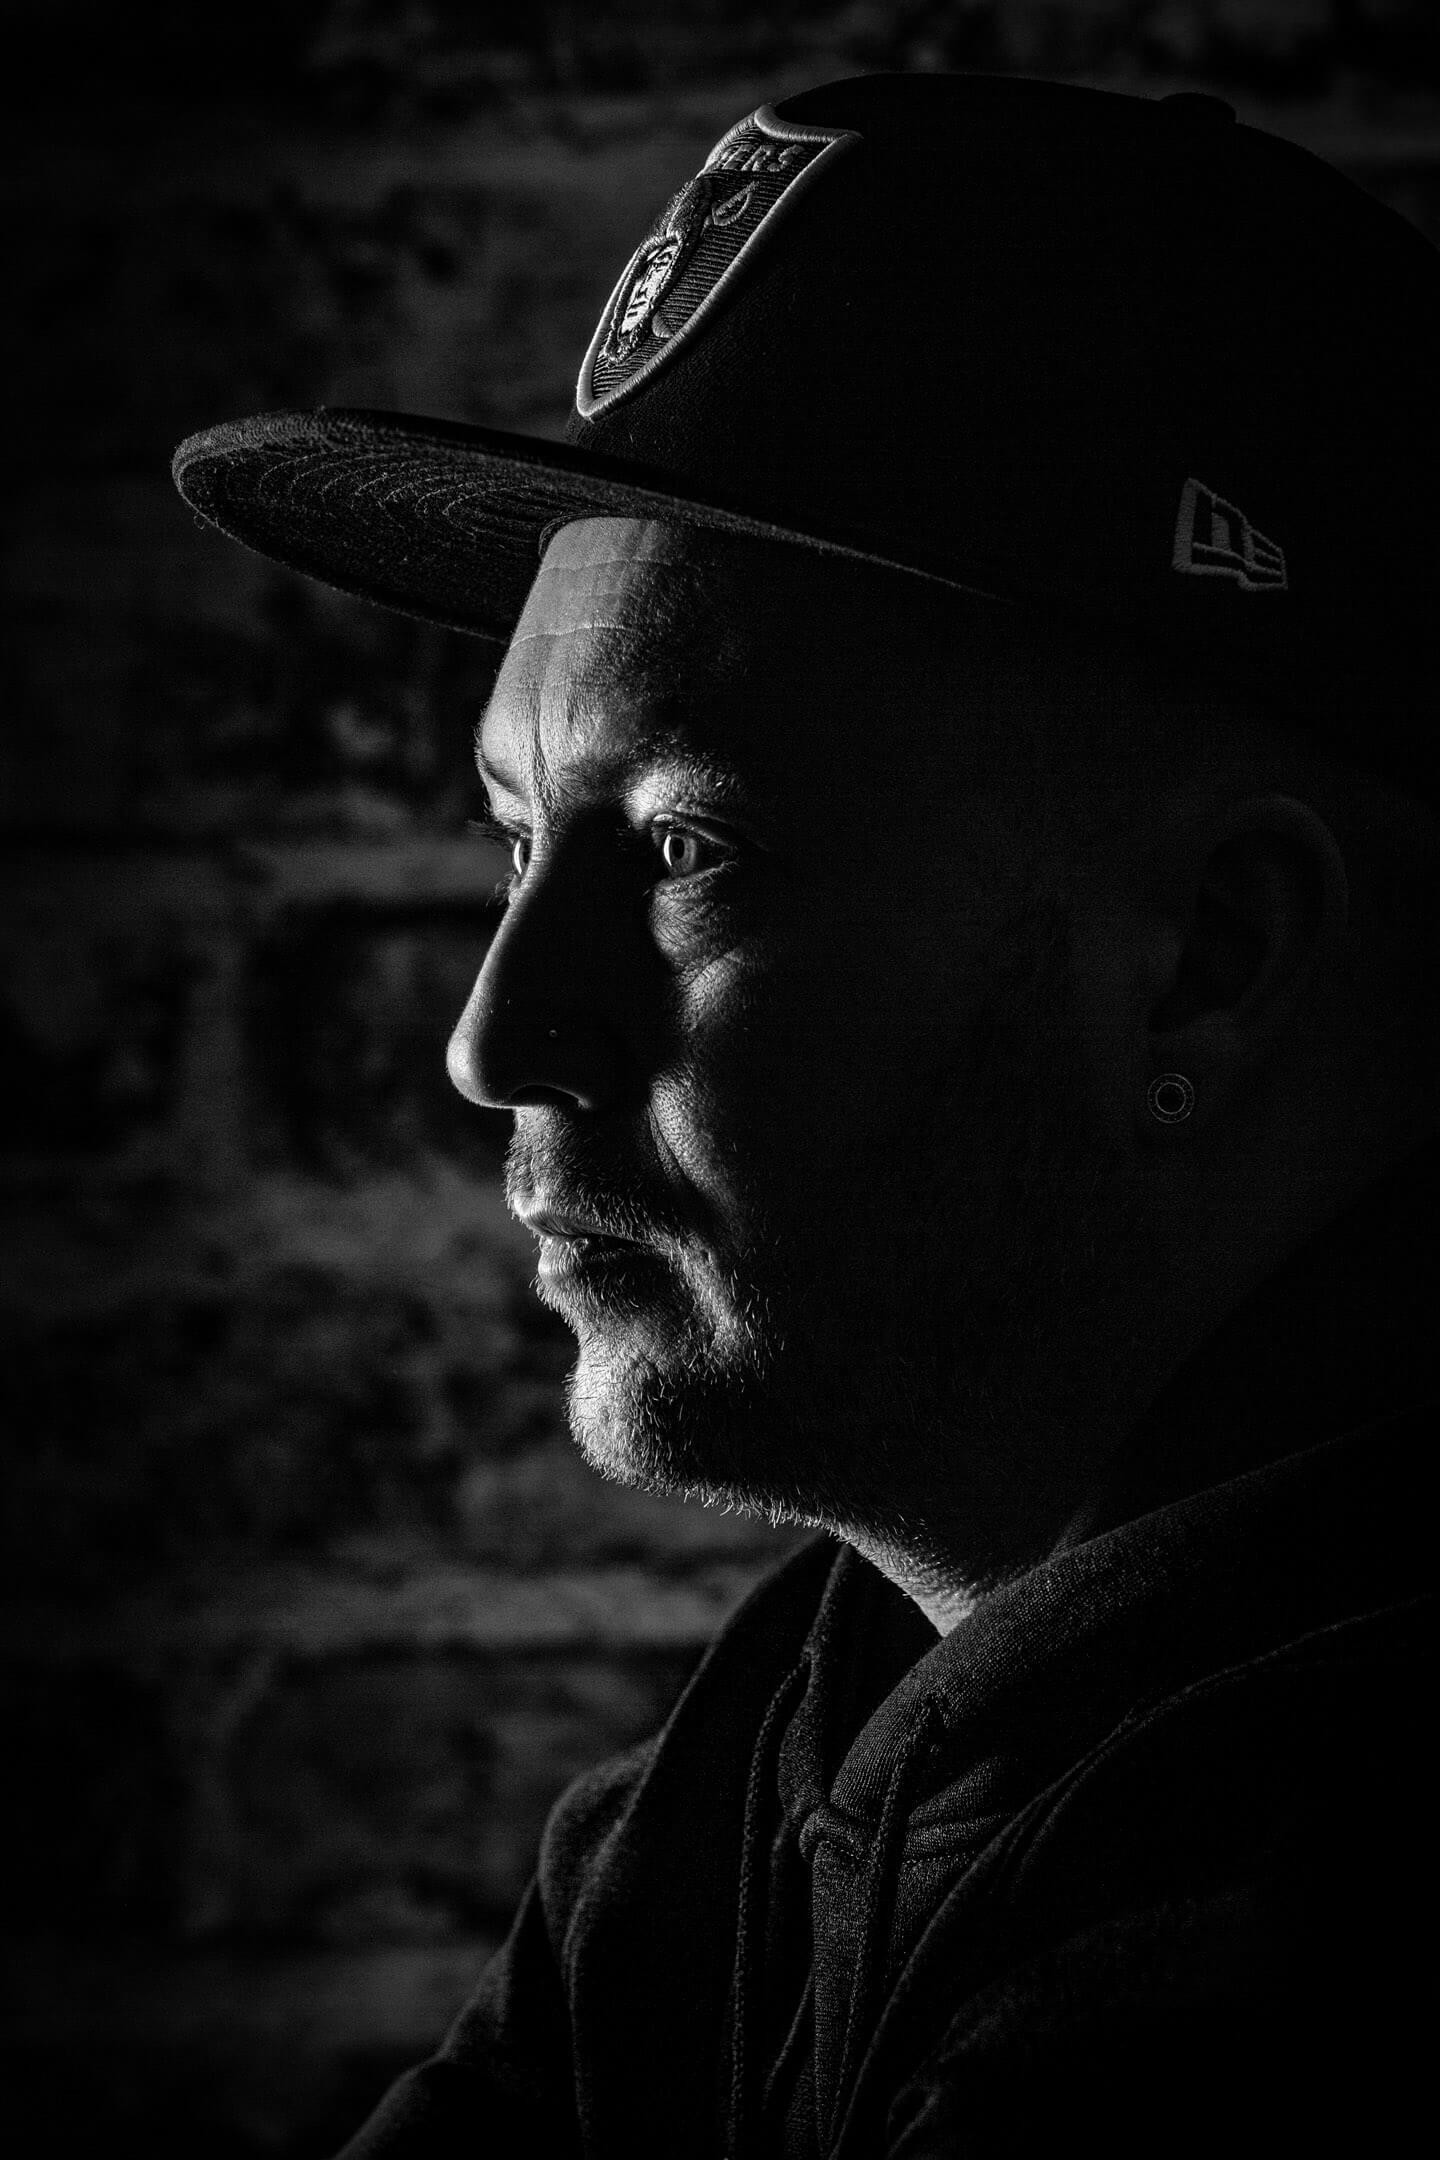 Profilfoto in Schwarzweiß von jungem Mann